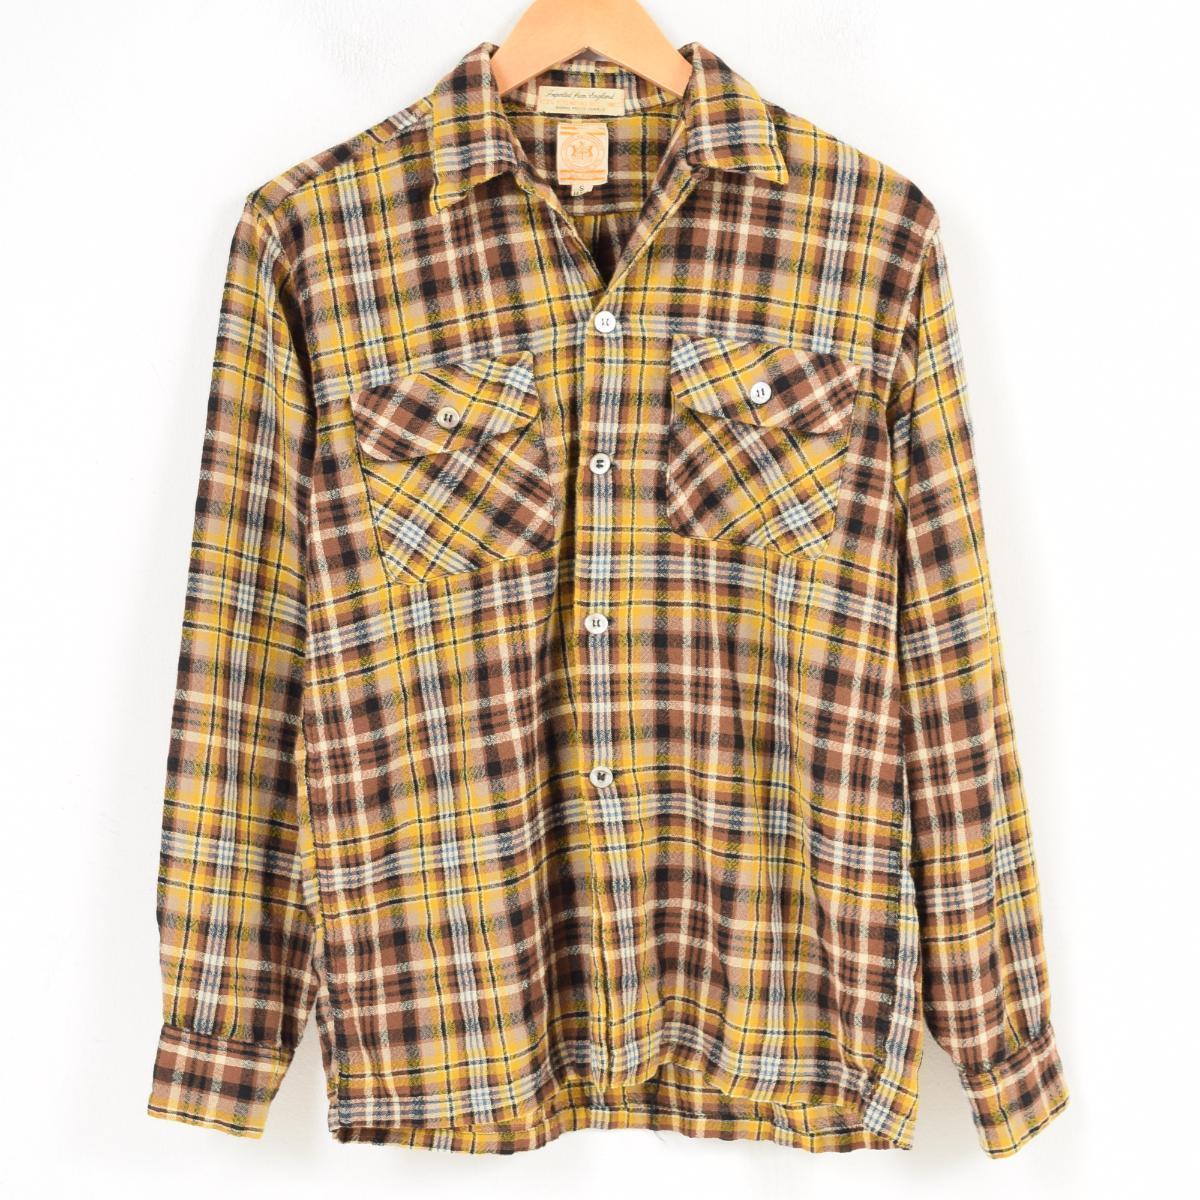 60年代 ハドソン ベイ Hudson's Bay チェック柄 ウールシャツ メンズS ヴィンテージ /wao9178 【中古】 【180403】